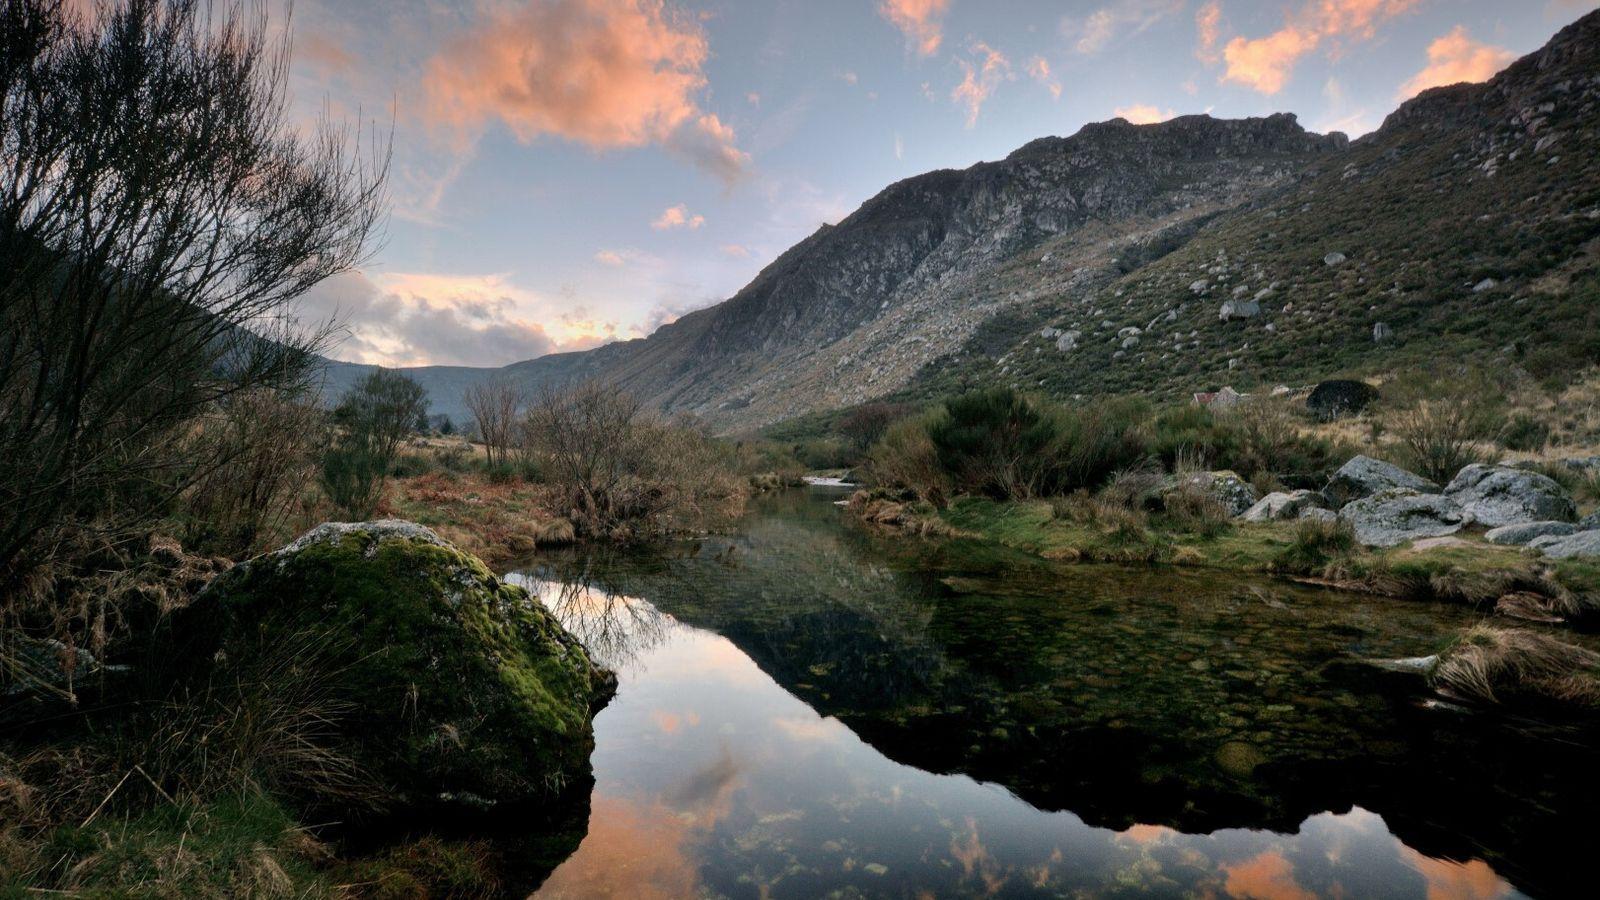 Pôr do sol numa região montanhosa de Portugal